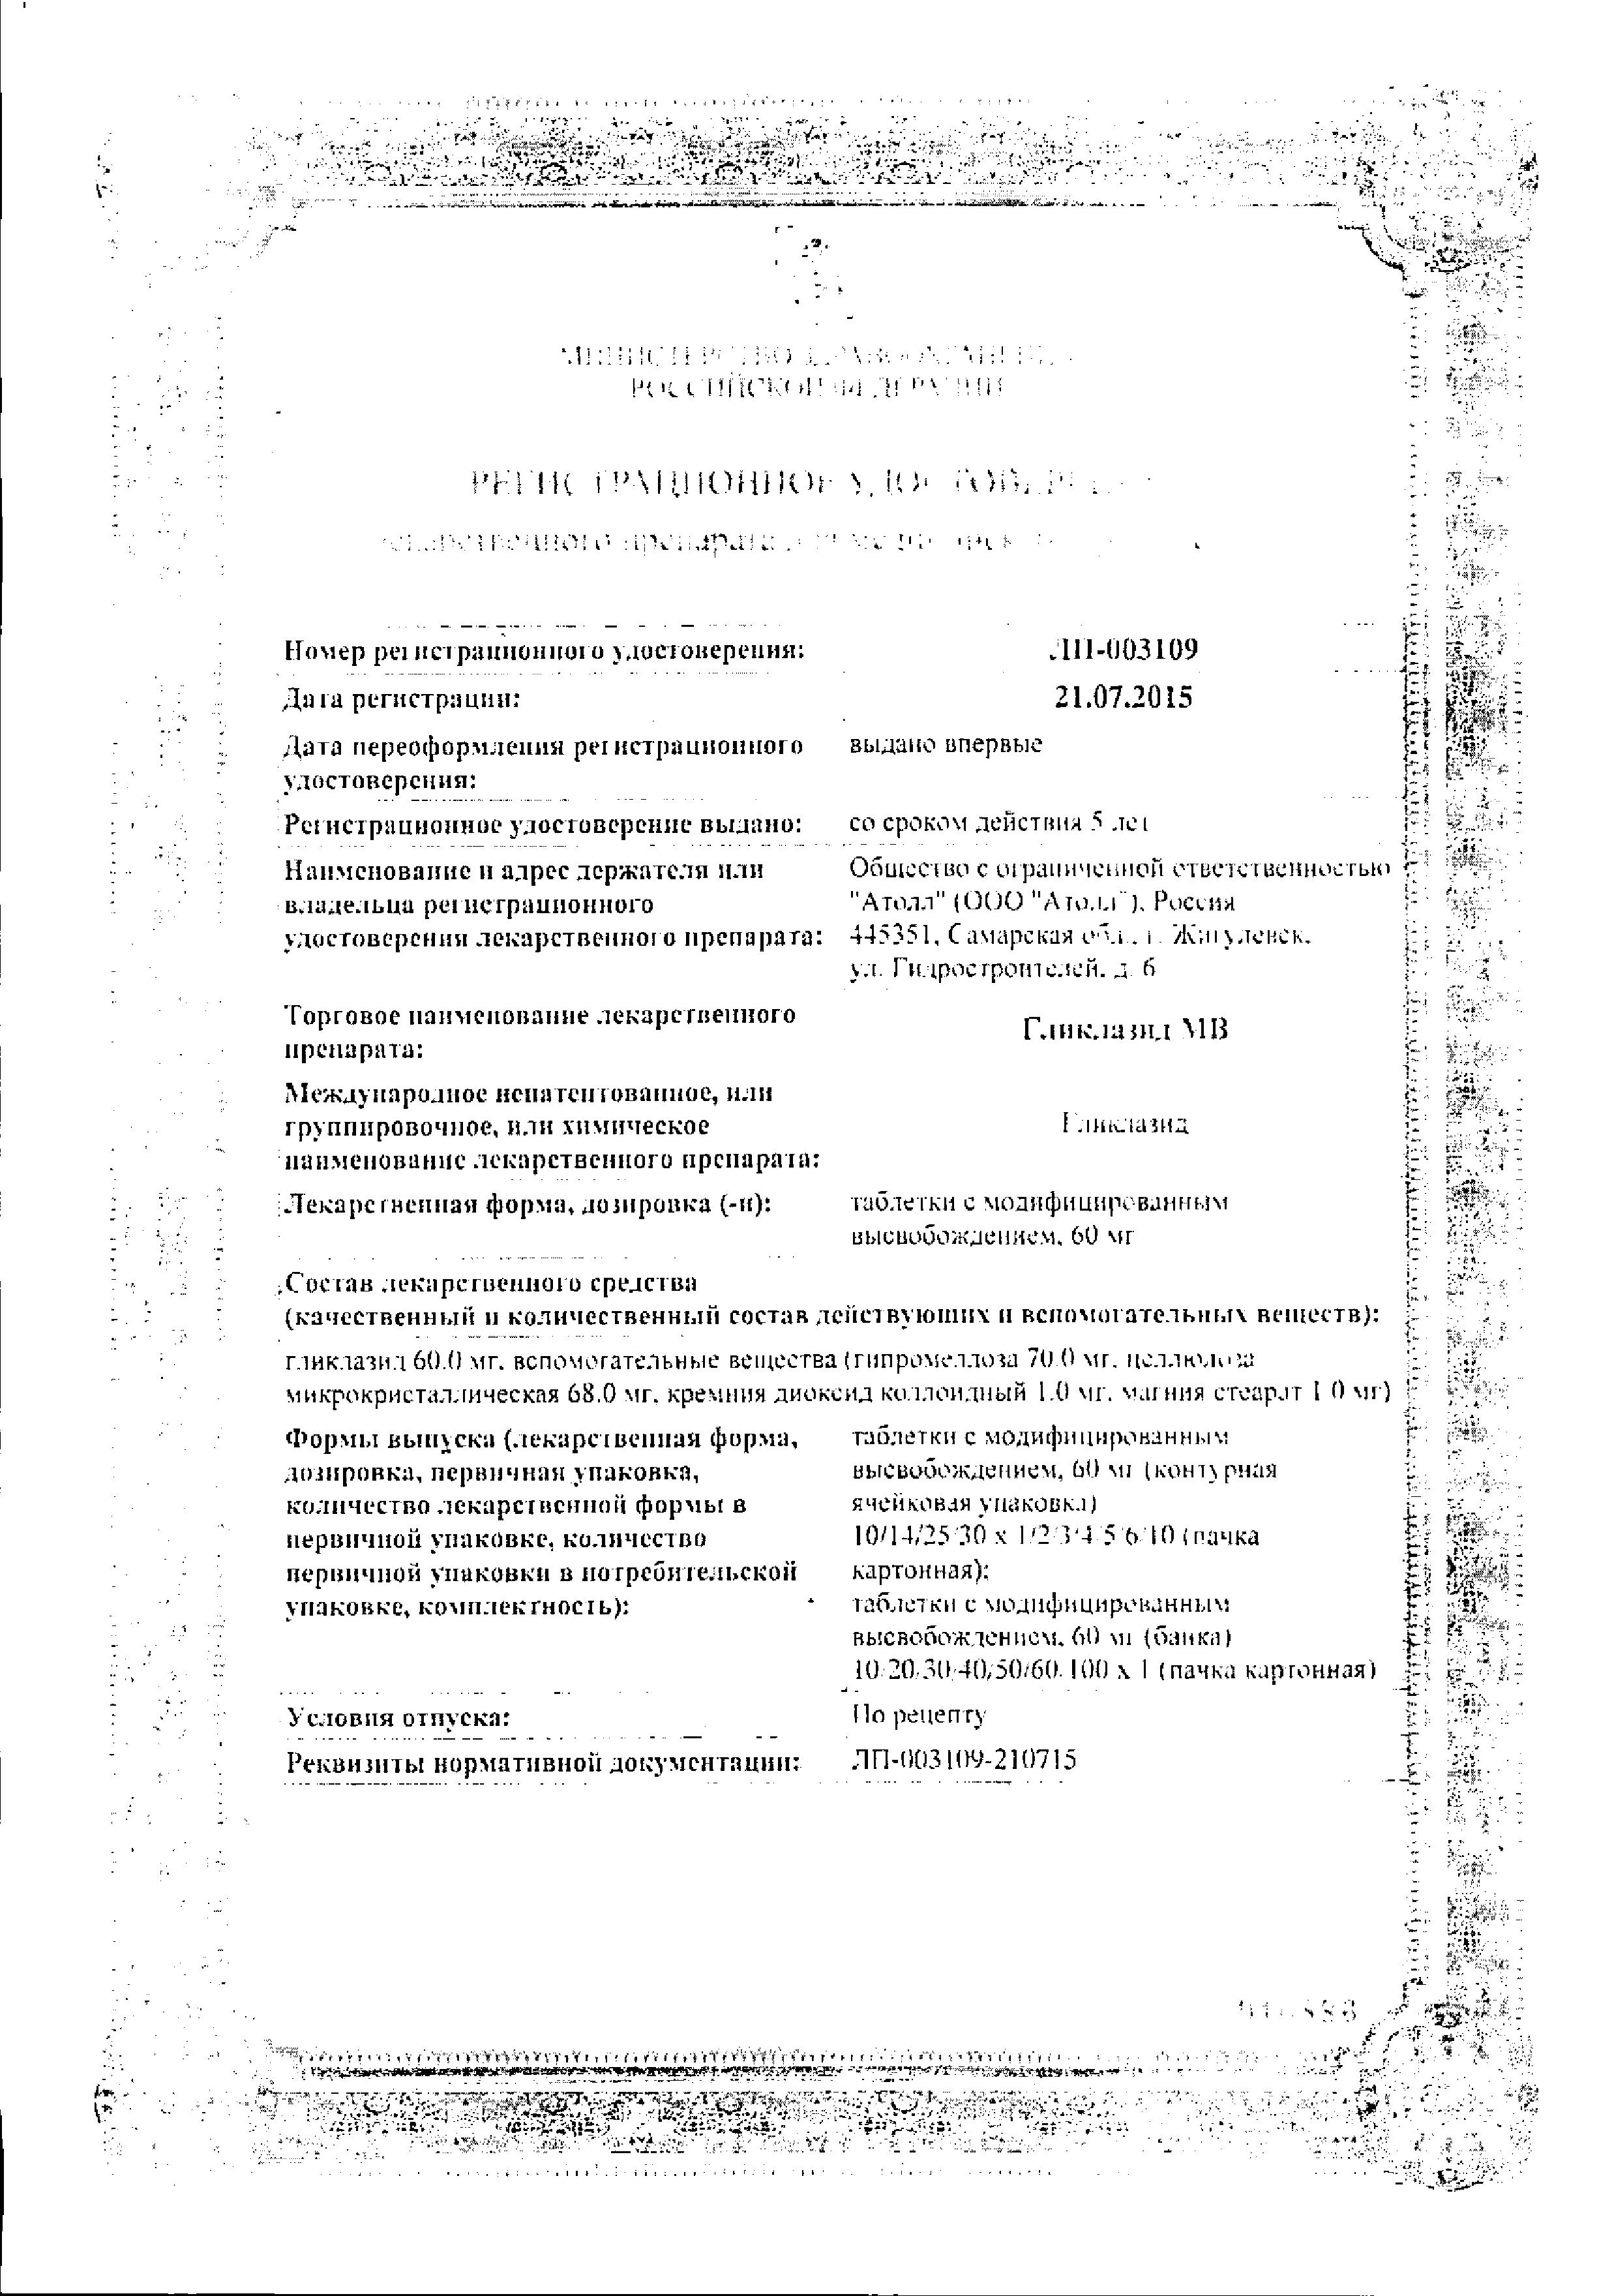 Гликлазид МВ сертификат